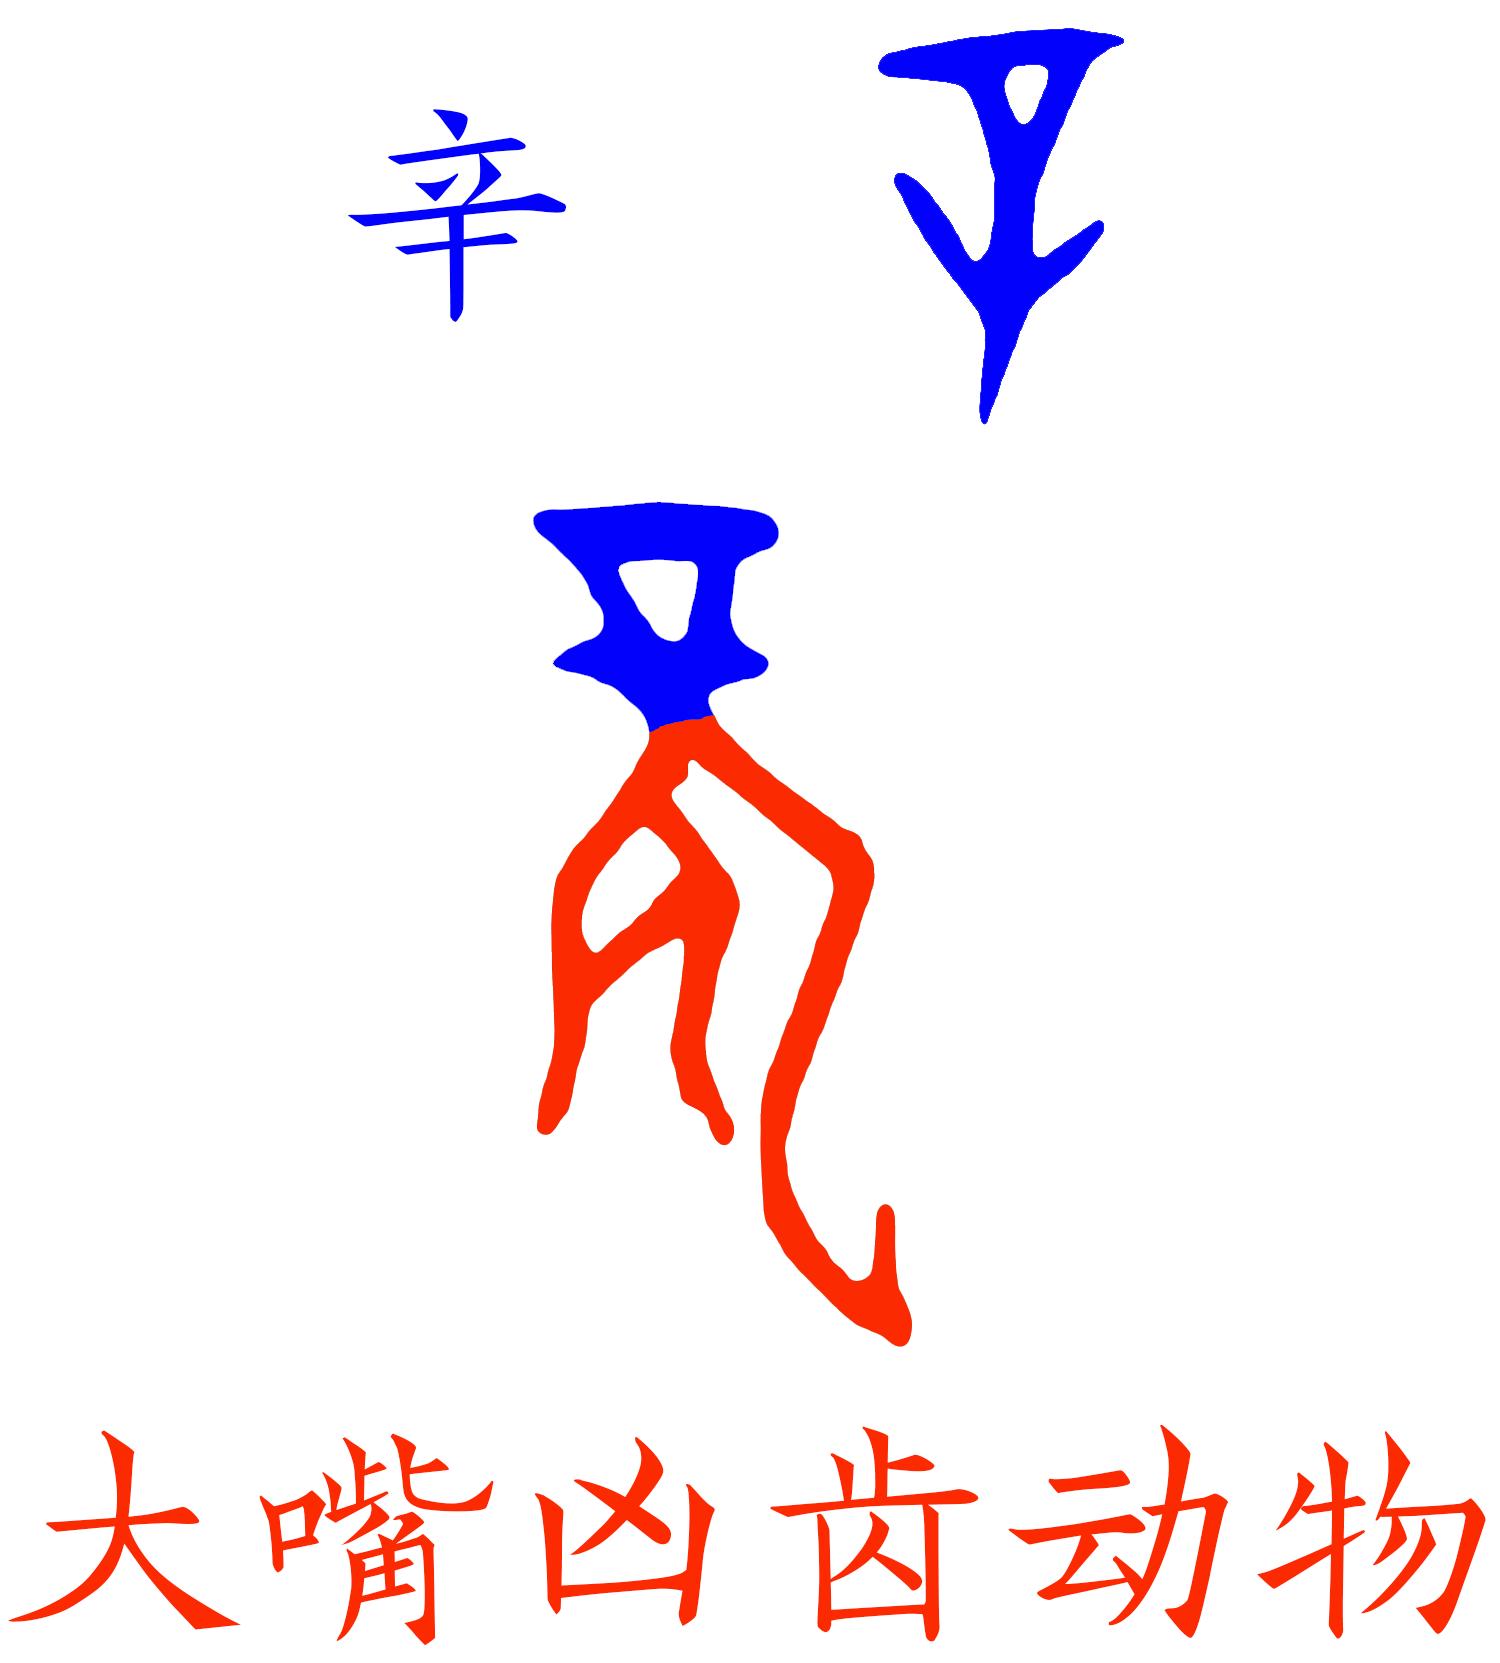 《说文》改错-龙(连载0007)